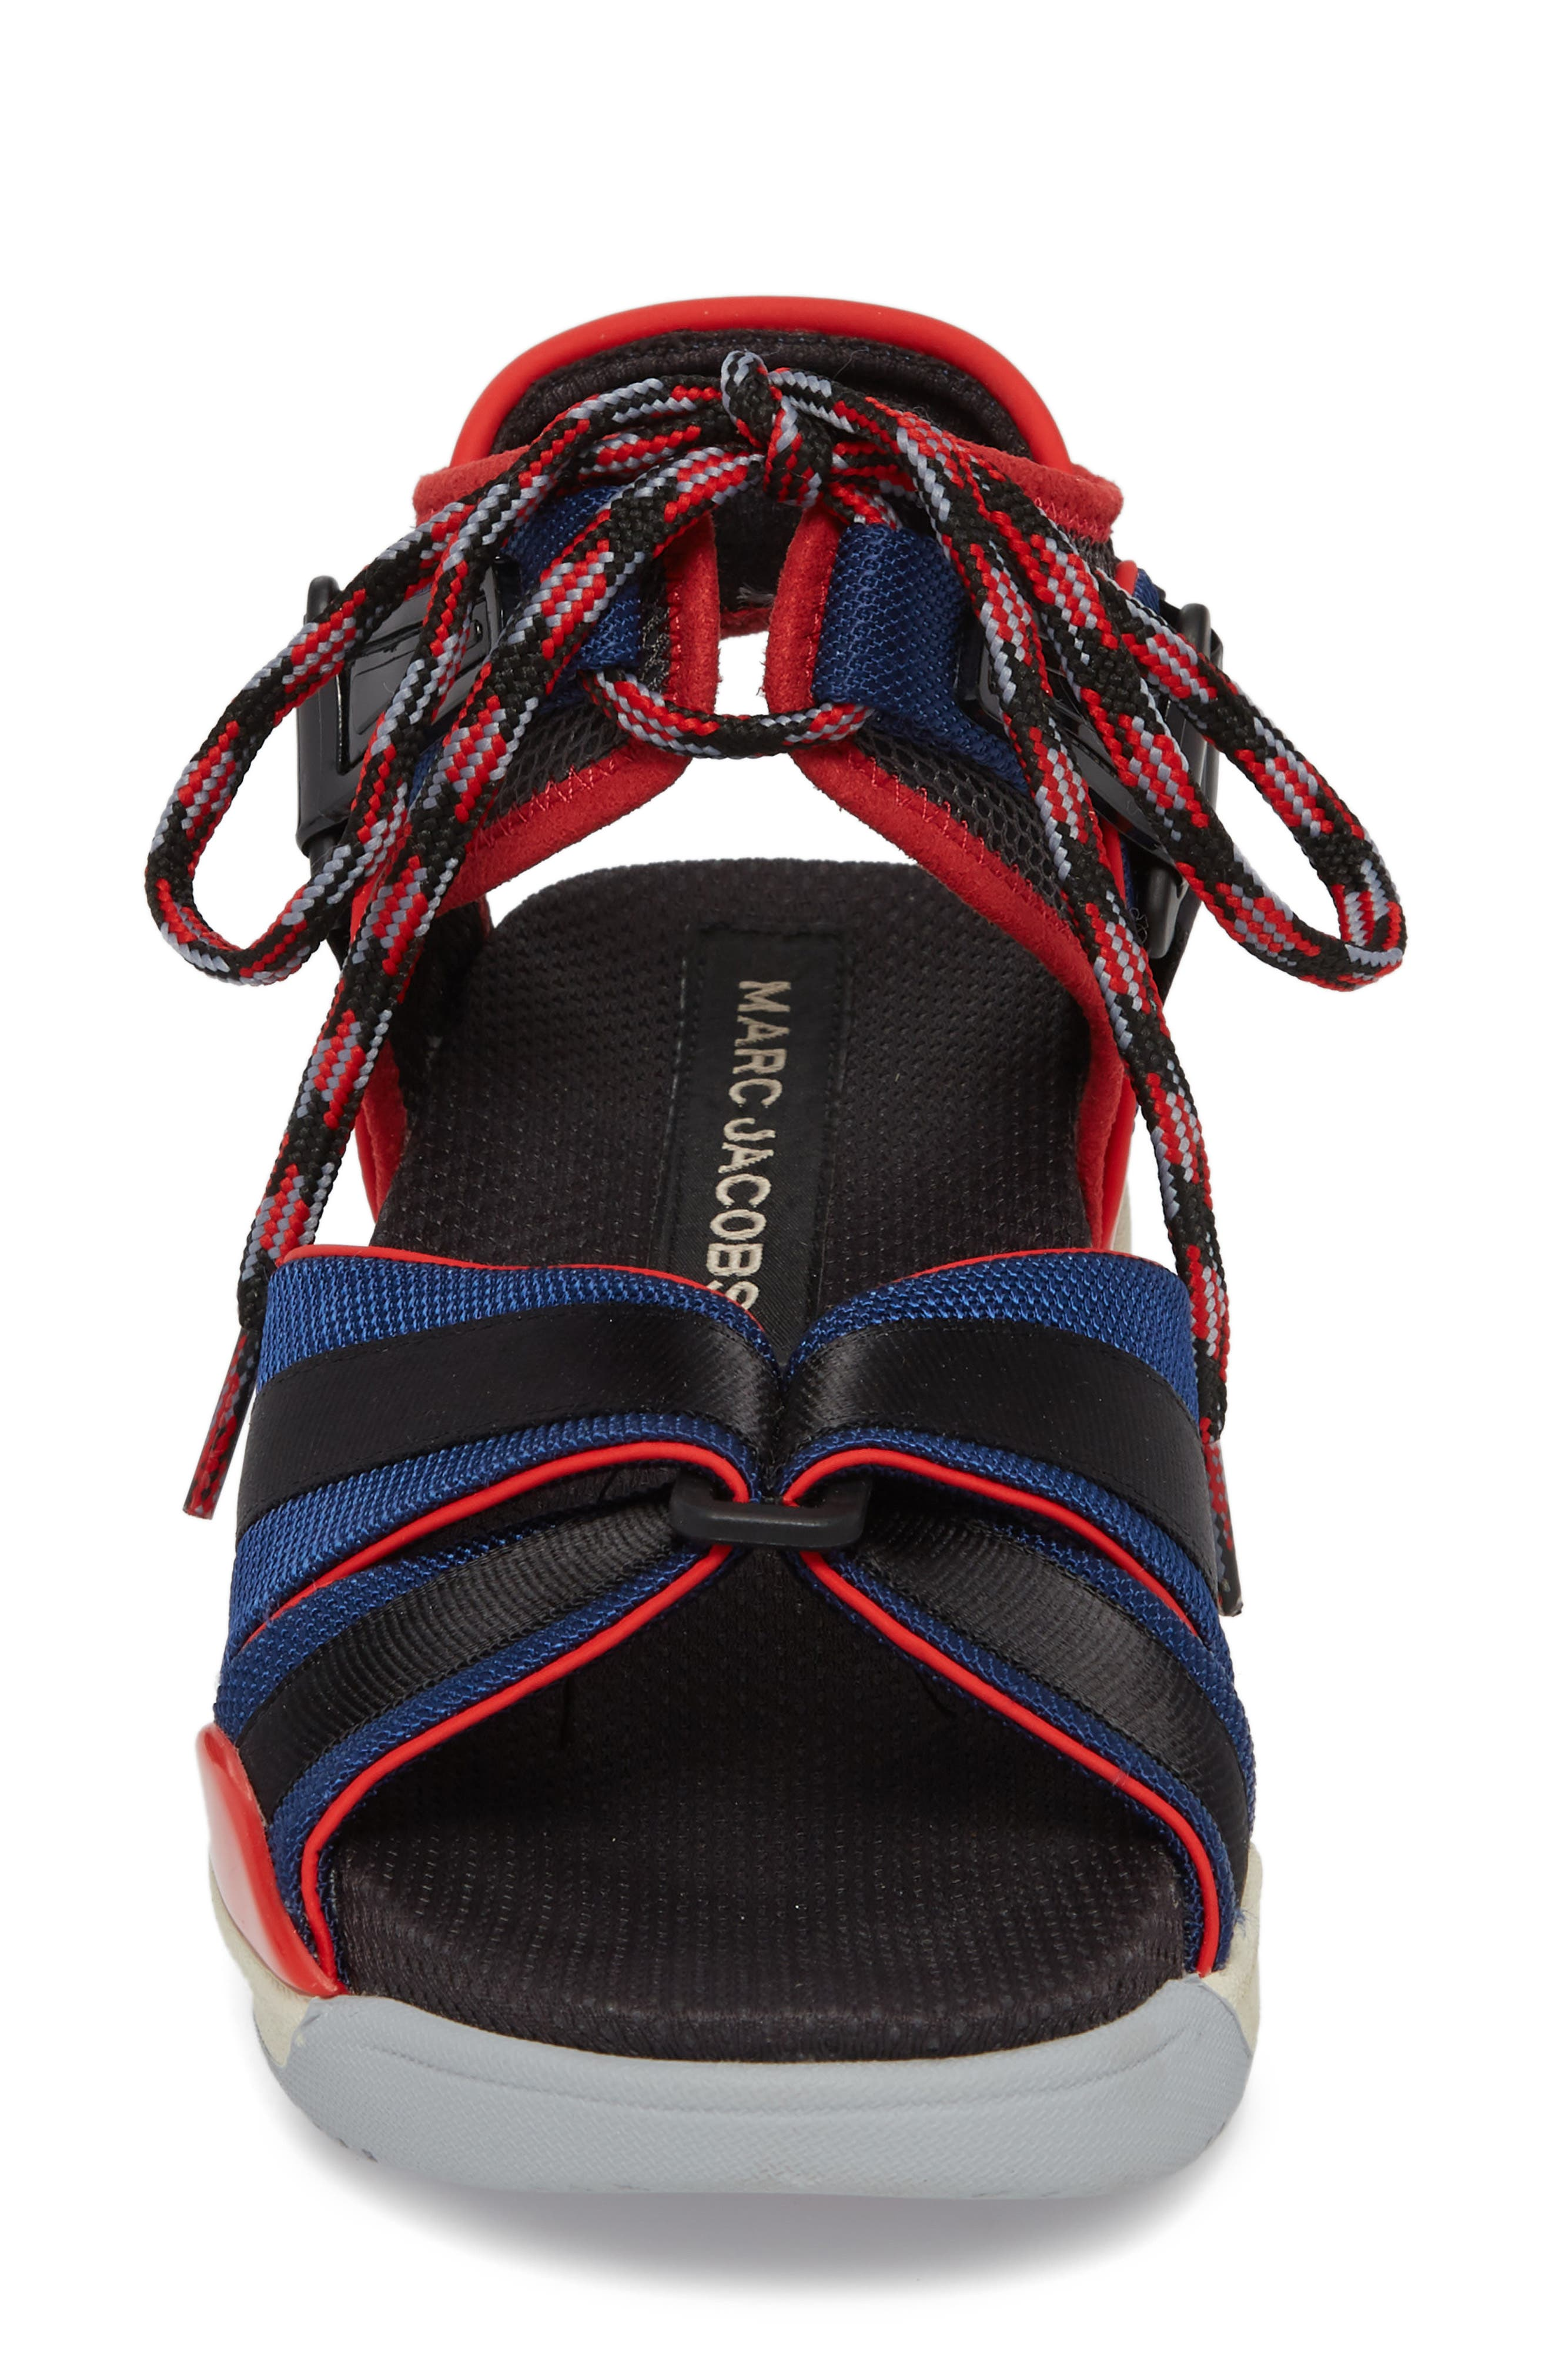 Somewhere Sport Sandal,                             Alternate thumbnail 4, color,                             Red Multi